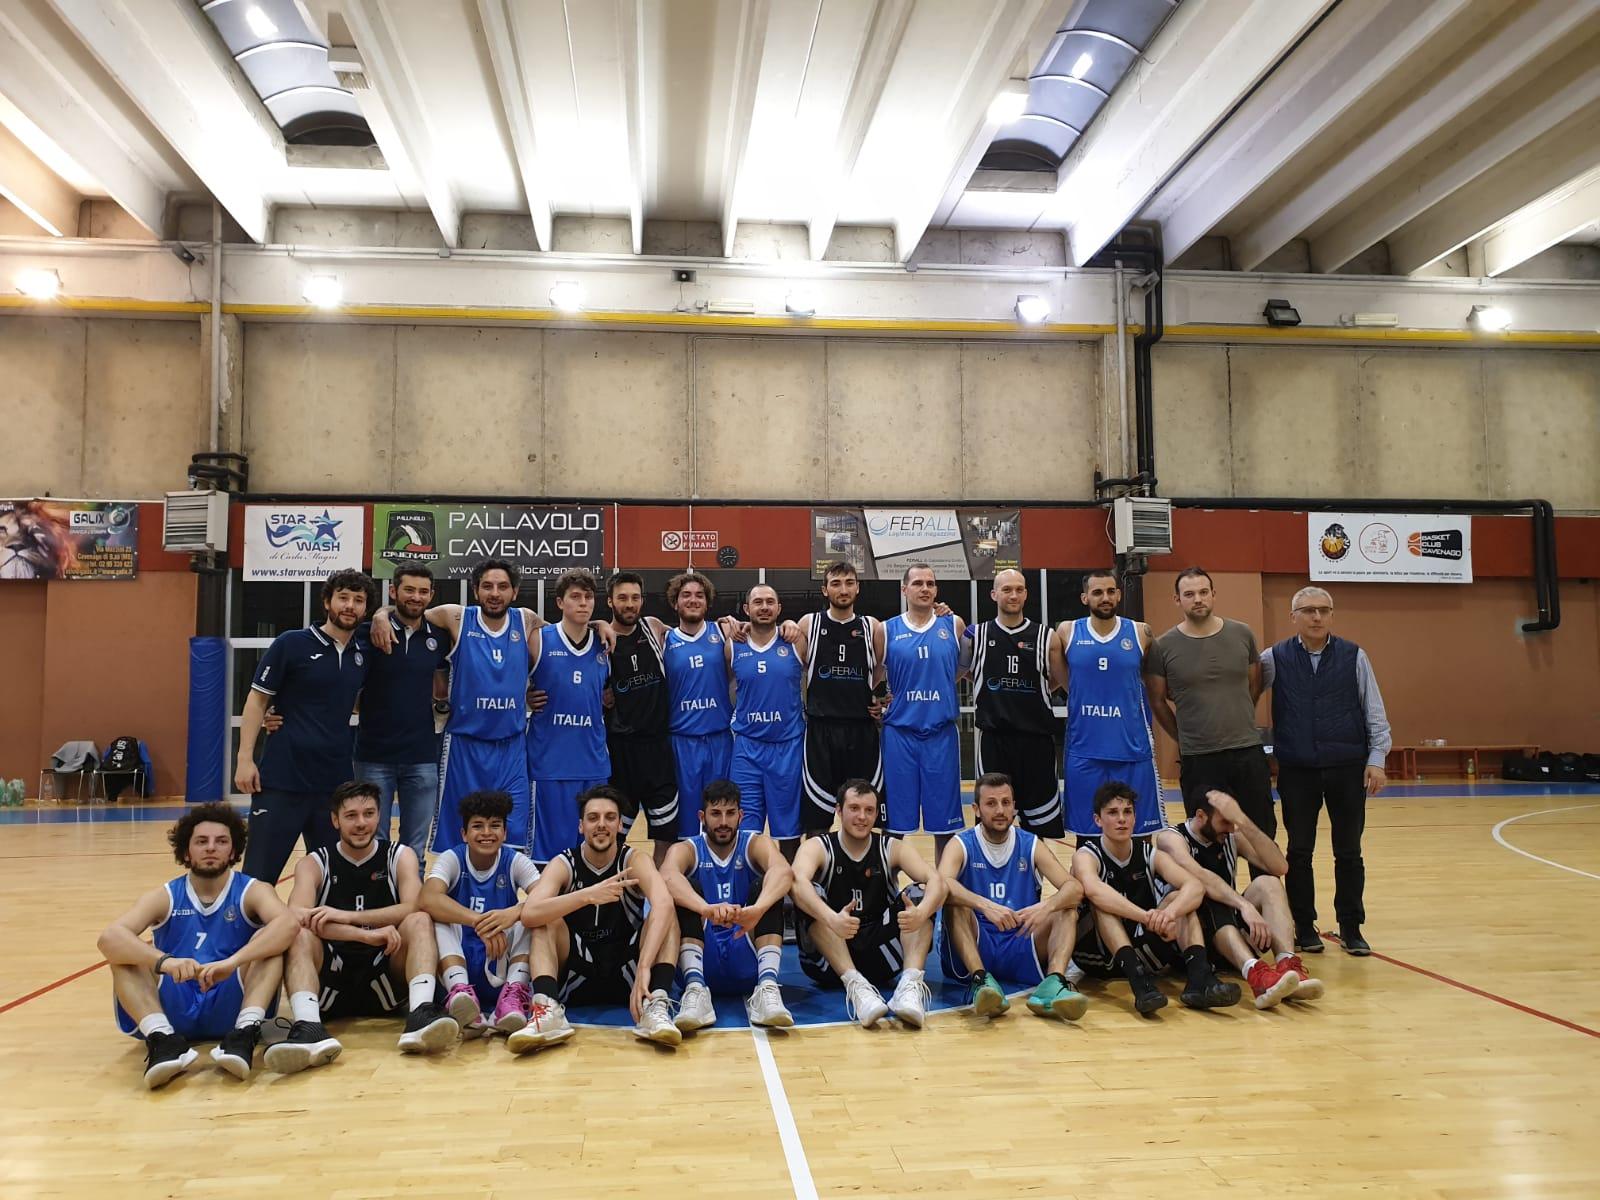 Basket, la Nazionale maschile in raduno a Milano. E' iniziato il cammino verso i Mondiali polacchi